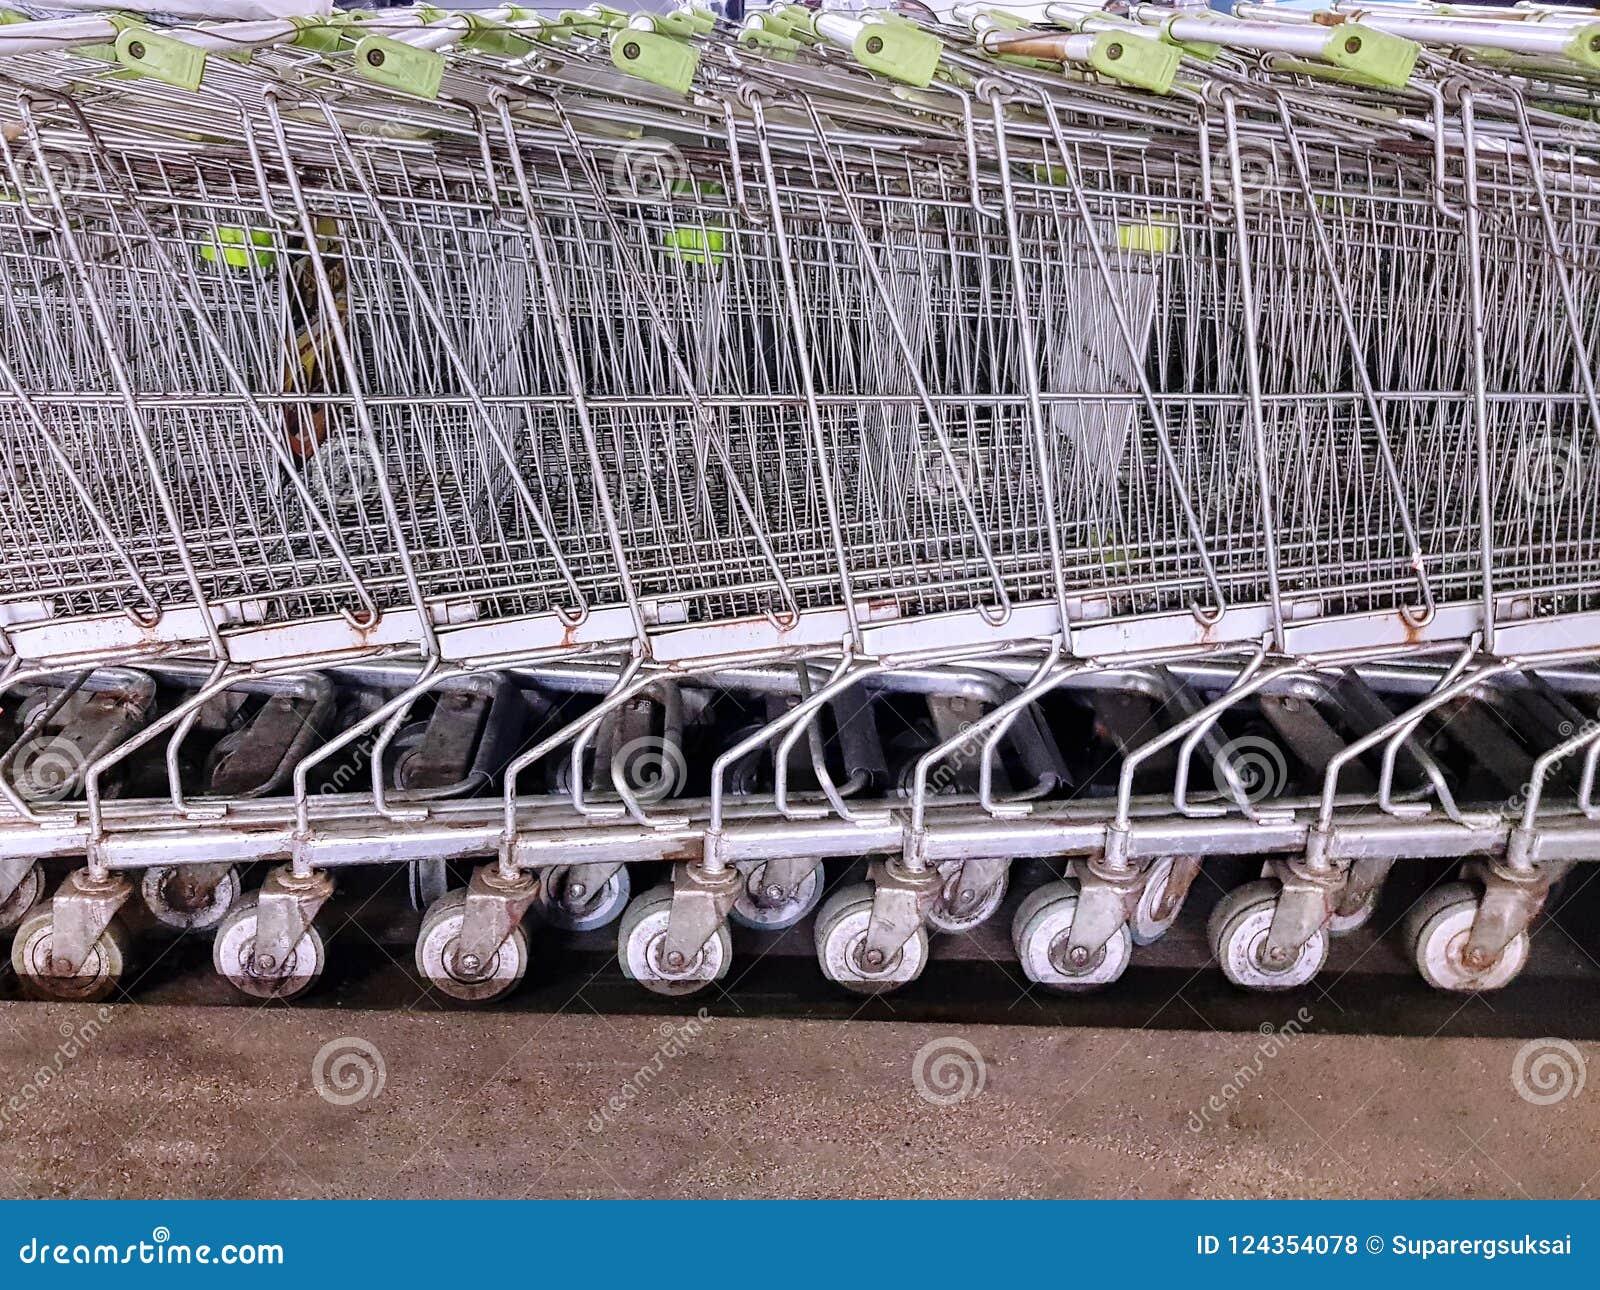 Bakgrund av parkerade shoppingvagnar på supermarket